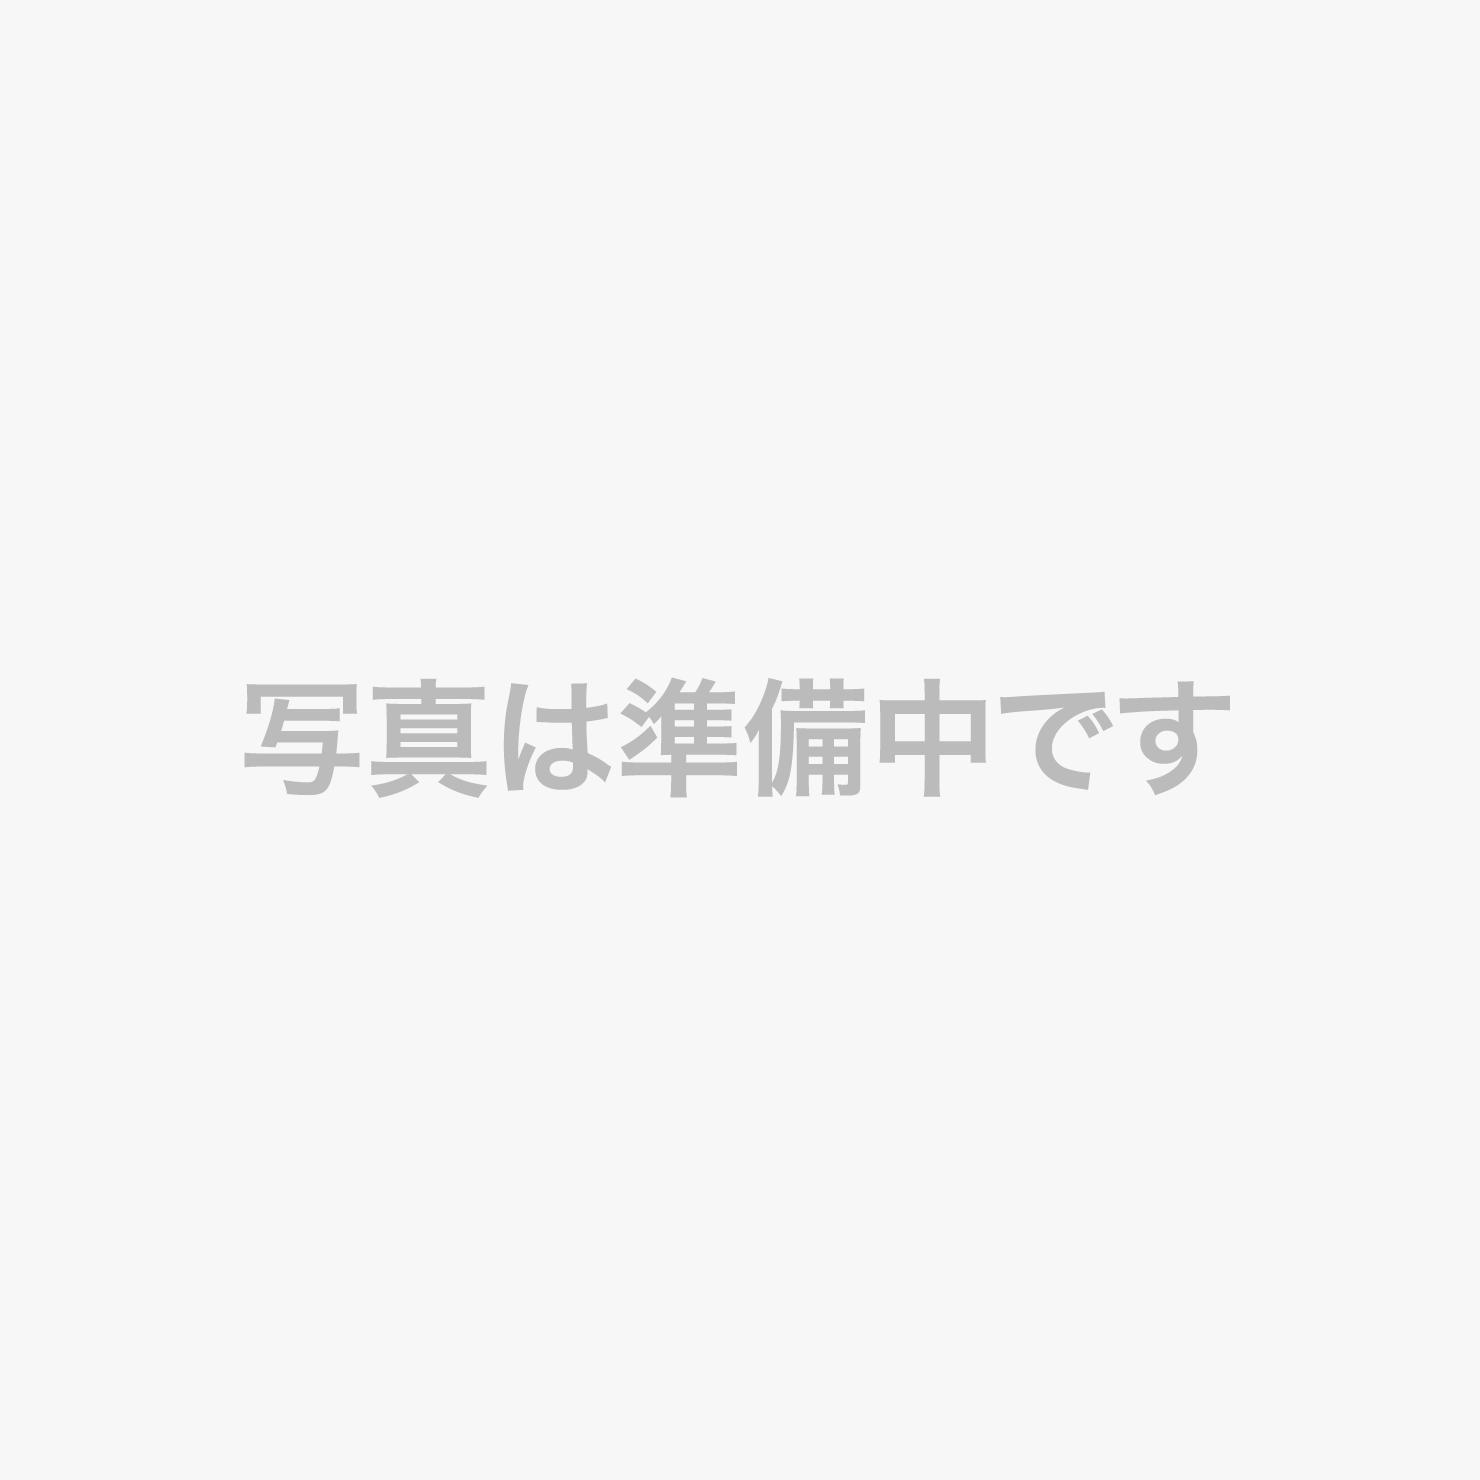 【笠間稲荷神社】坂本九さんが結婚式を挙げた神社で有名です。